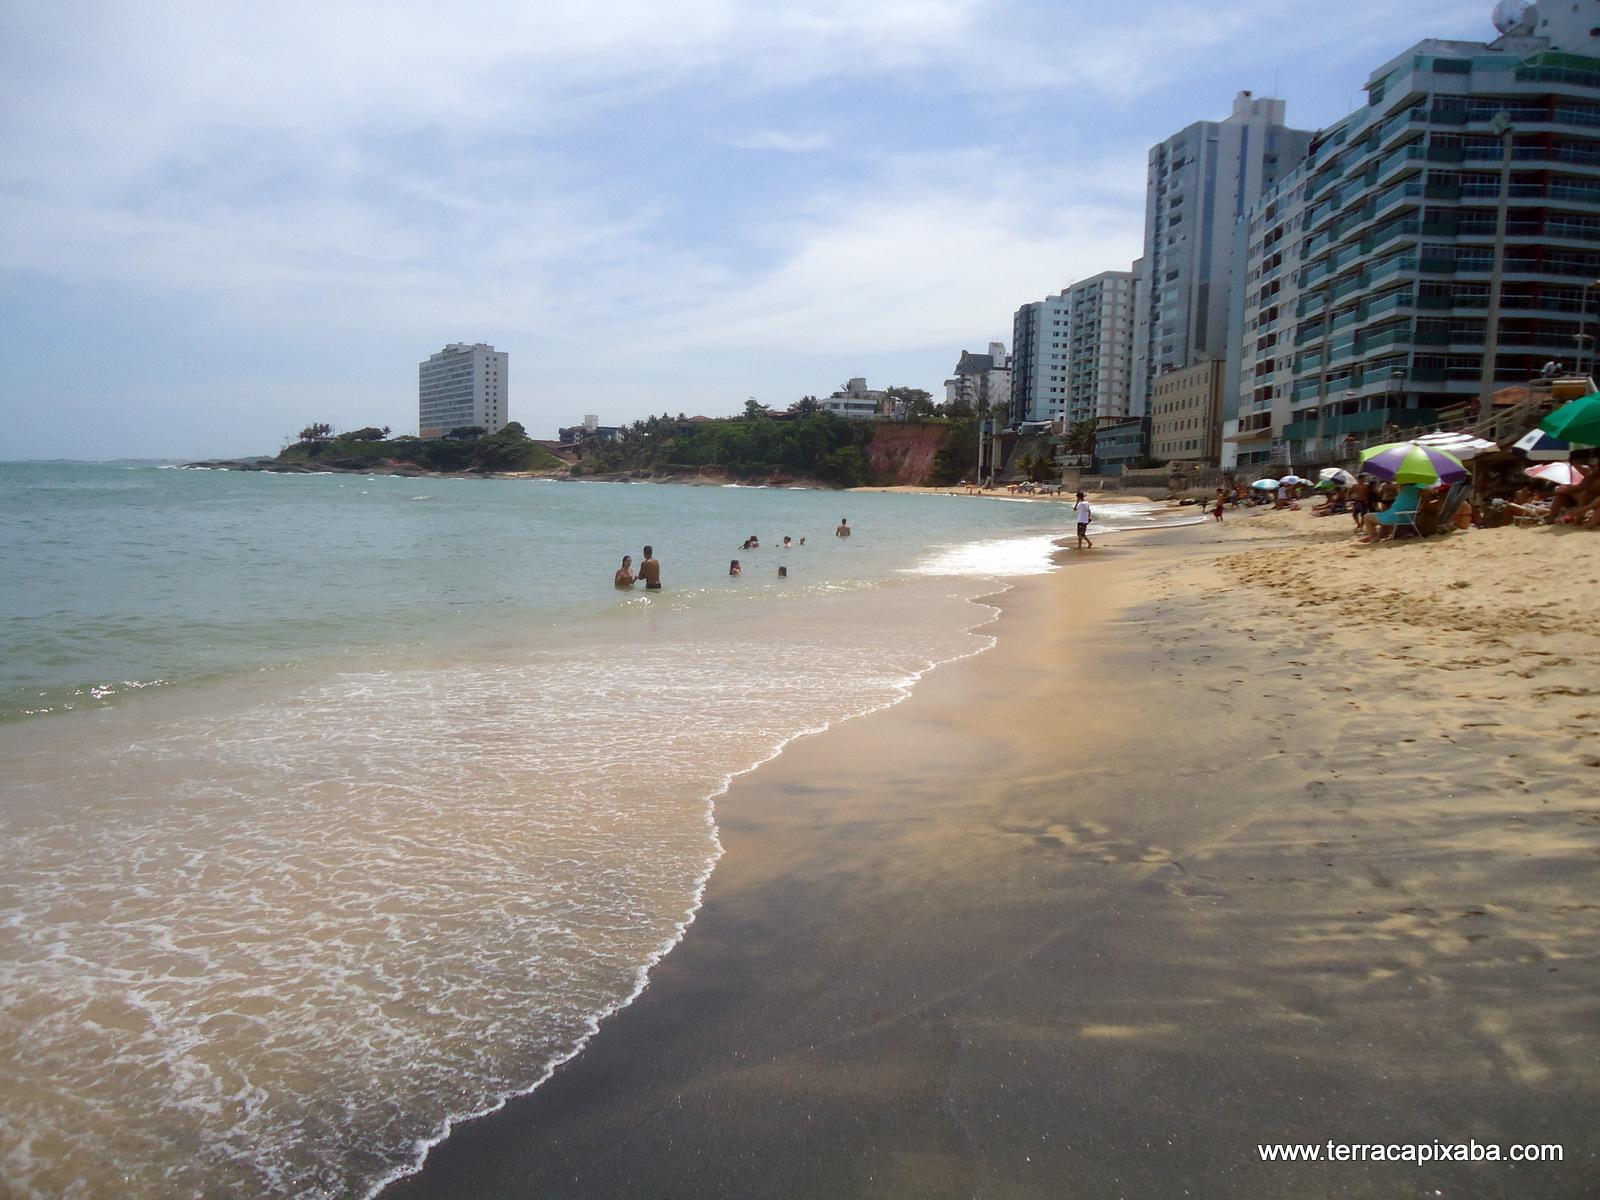 Resultado de imagem para guarapari praia da areia preta